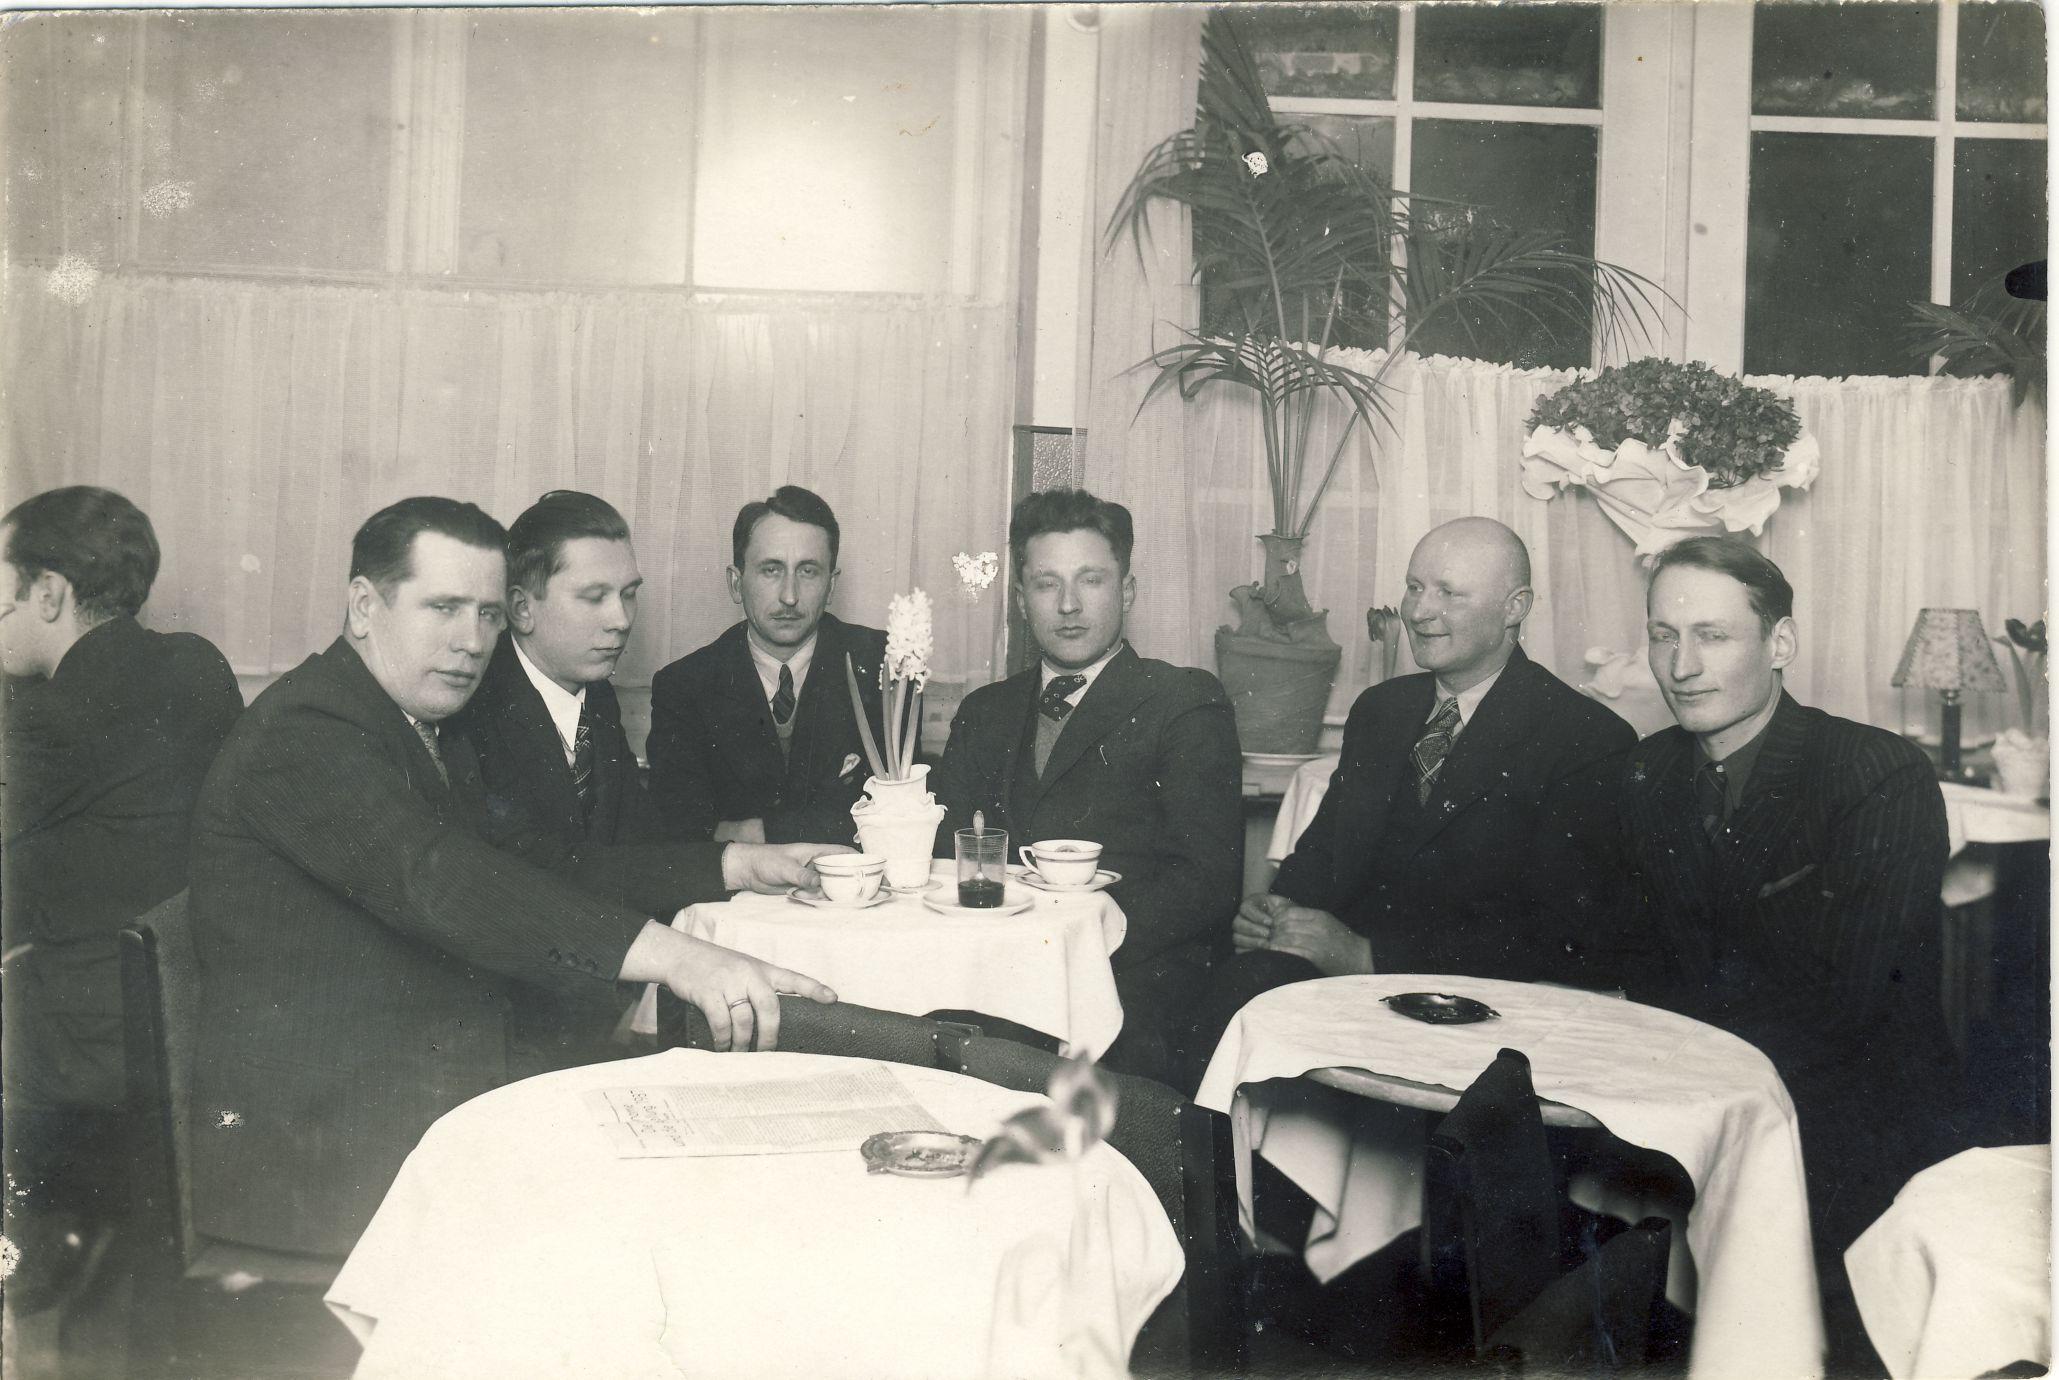 Konrado kavinėje. Kaunas. 1938 m. Iš kairės: A. Braziulis, V. Sirijos-Gira, F. Neveravičius, L. Dovydėnas, A. Kniūkšta, S. Miglinas